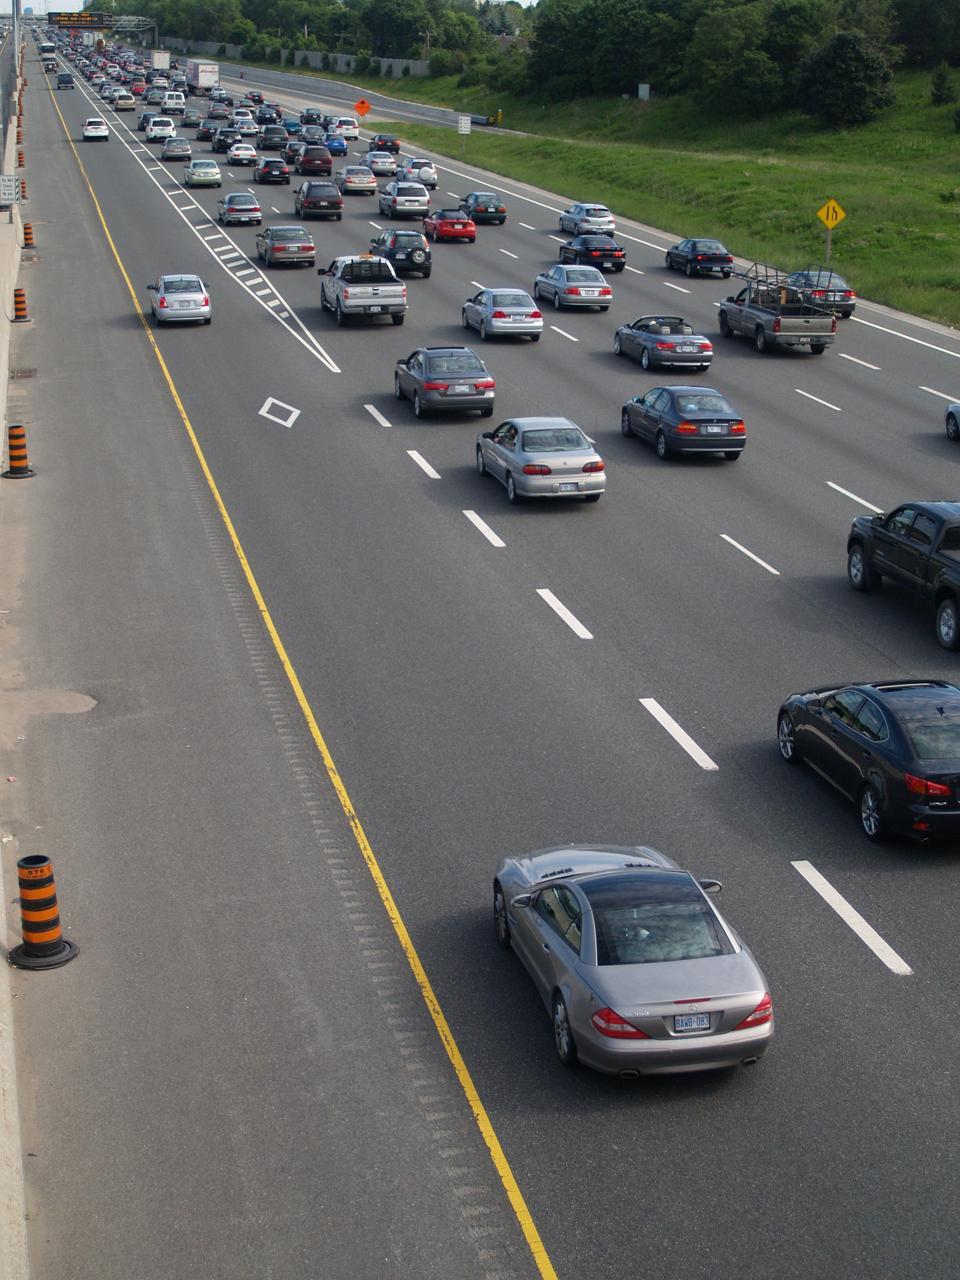 Traffic jam in Ontario, Canada